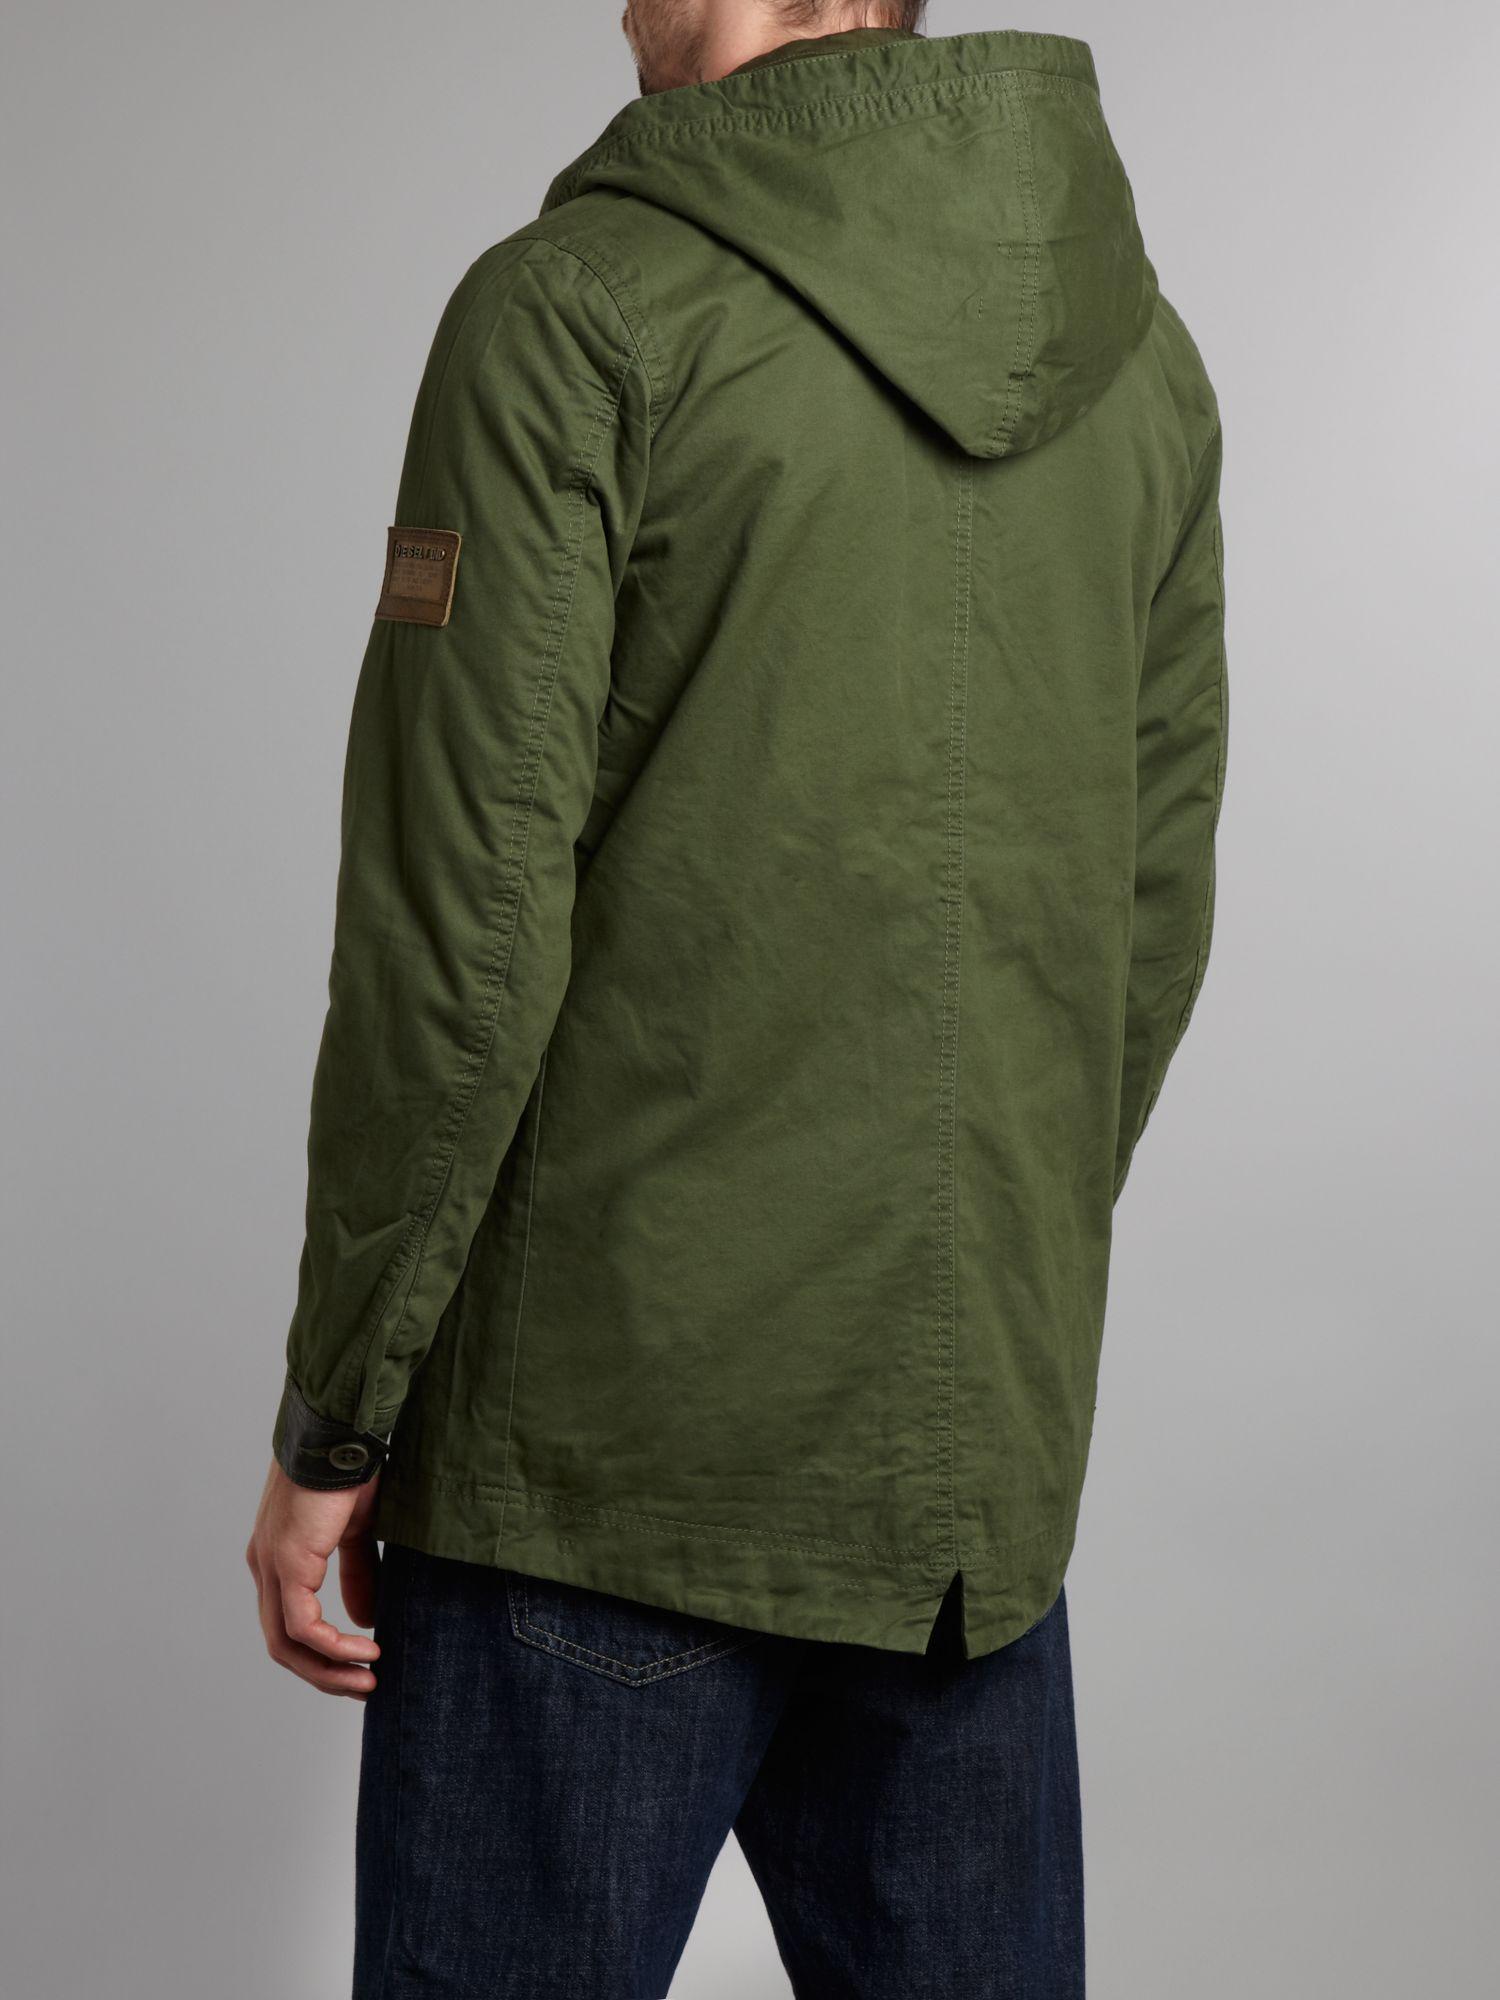 Diesel Parka Jacket in Green for Men | Lyst